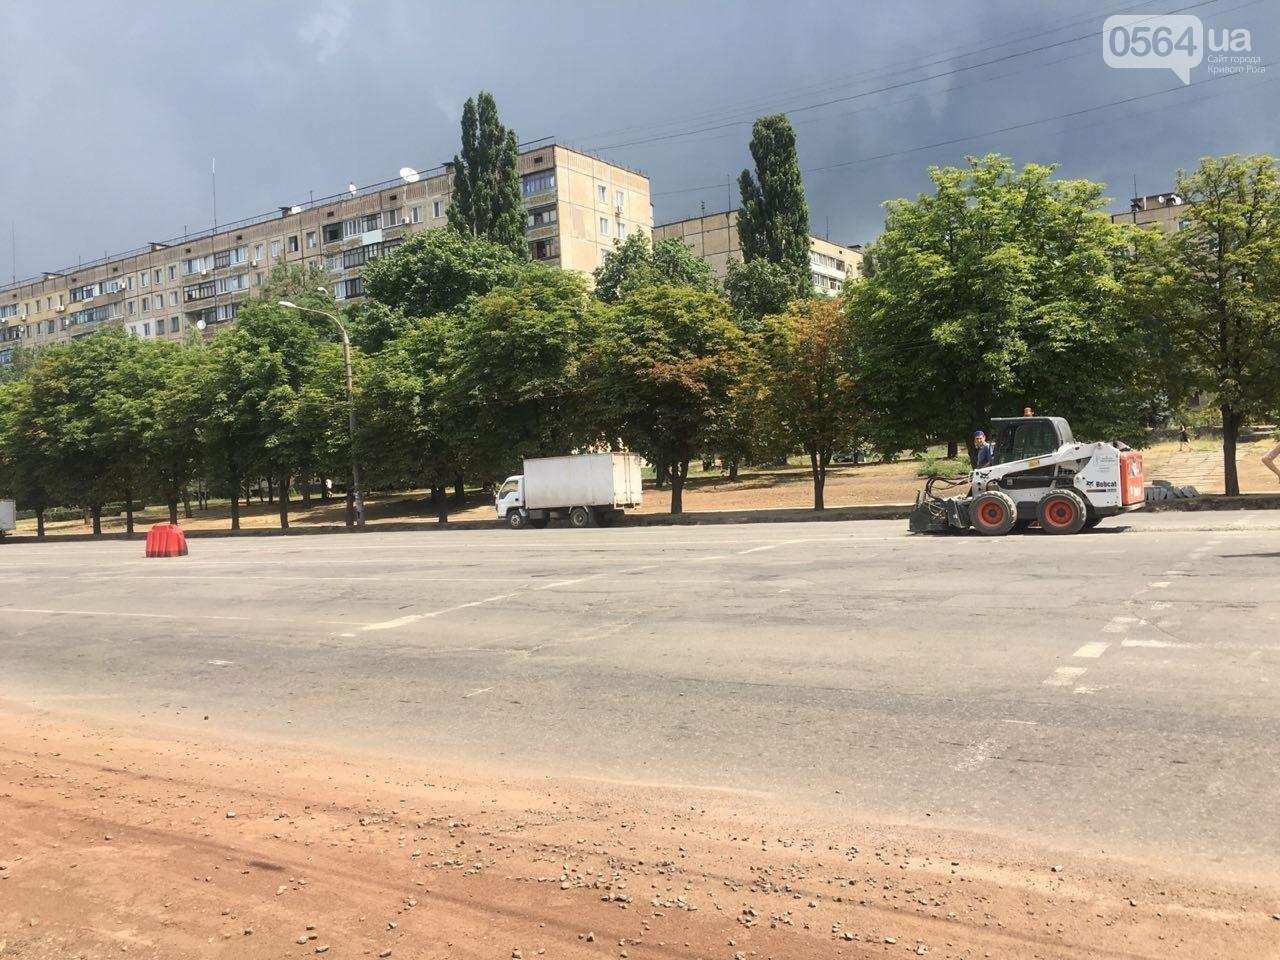 С сегодняшнего дня на центральном проспекте Кривого Рога отменены 3 остановки и запрещена парковка, - ФОТО, фото-1